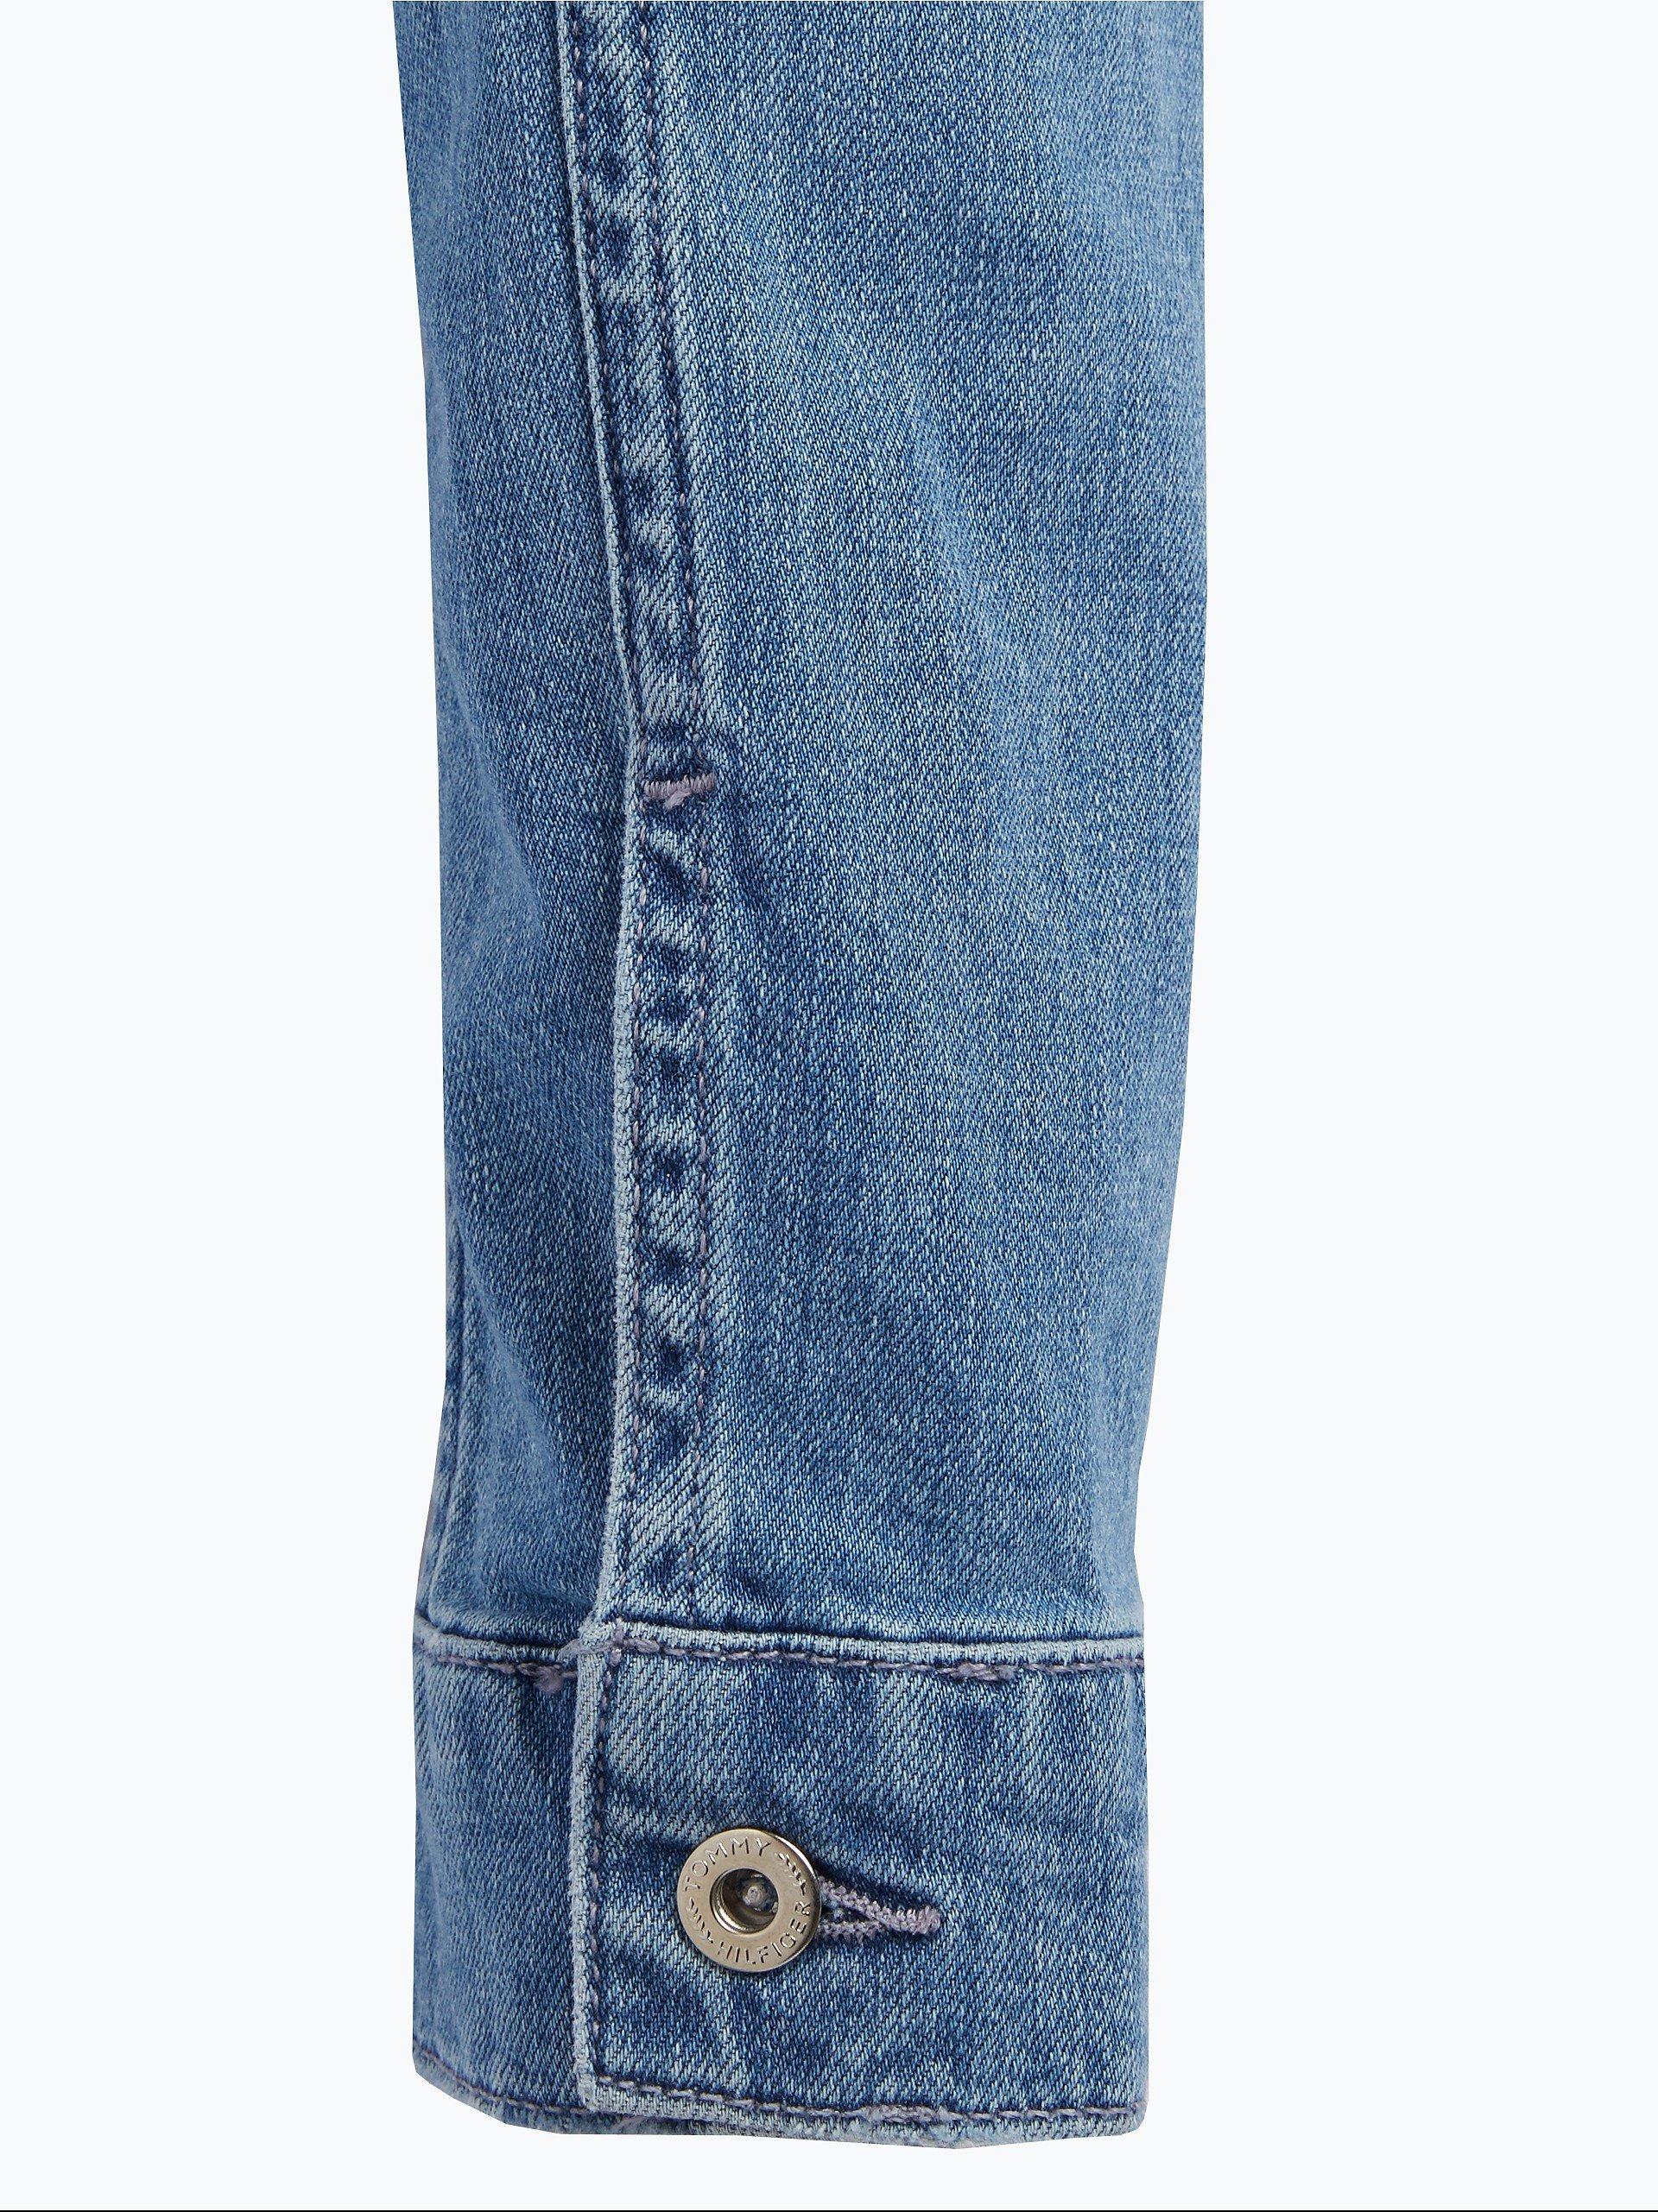 tommy hilfiger jeansjacke vienna